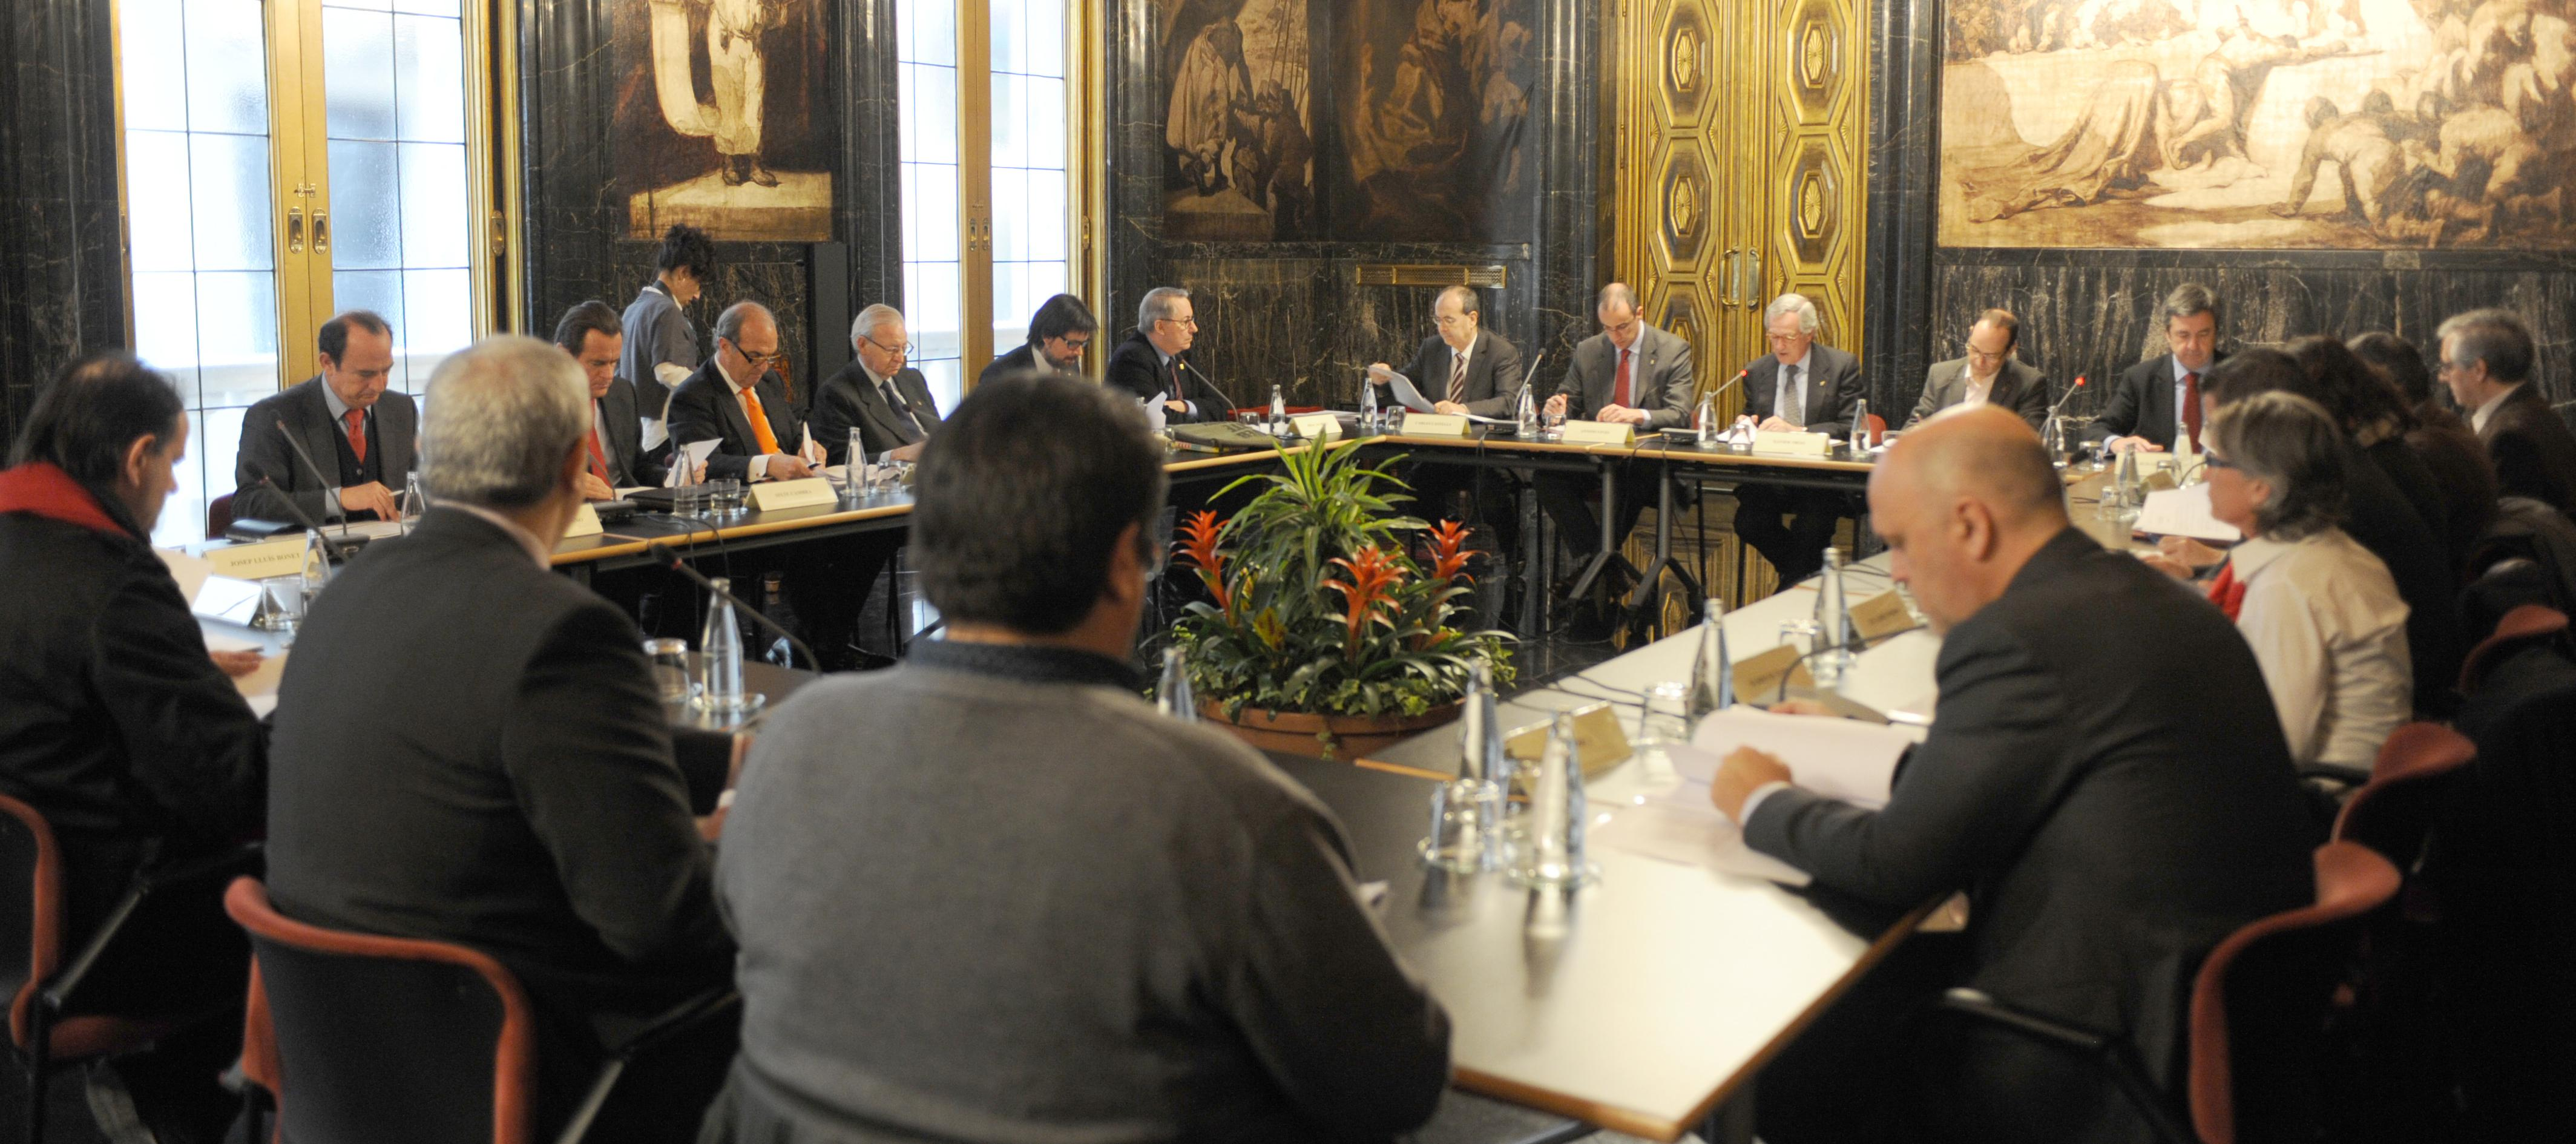 Consell Rector, 26 de gener 2015, Ajuntament de Barcelona